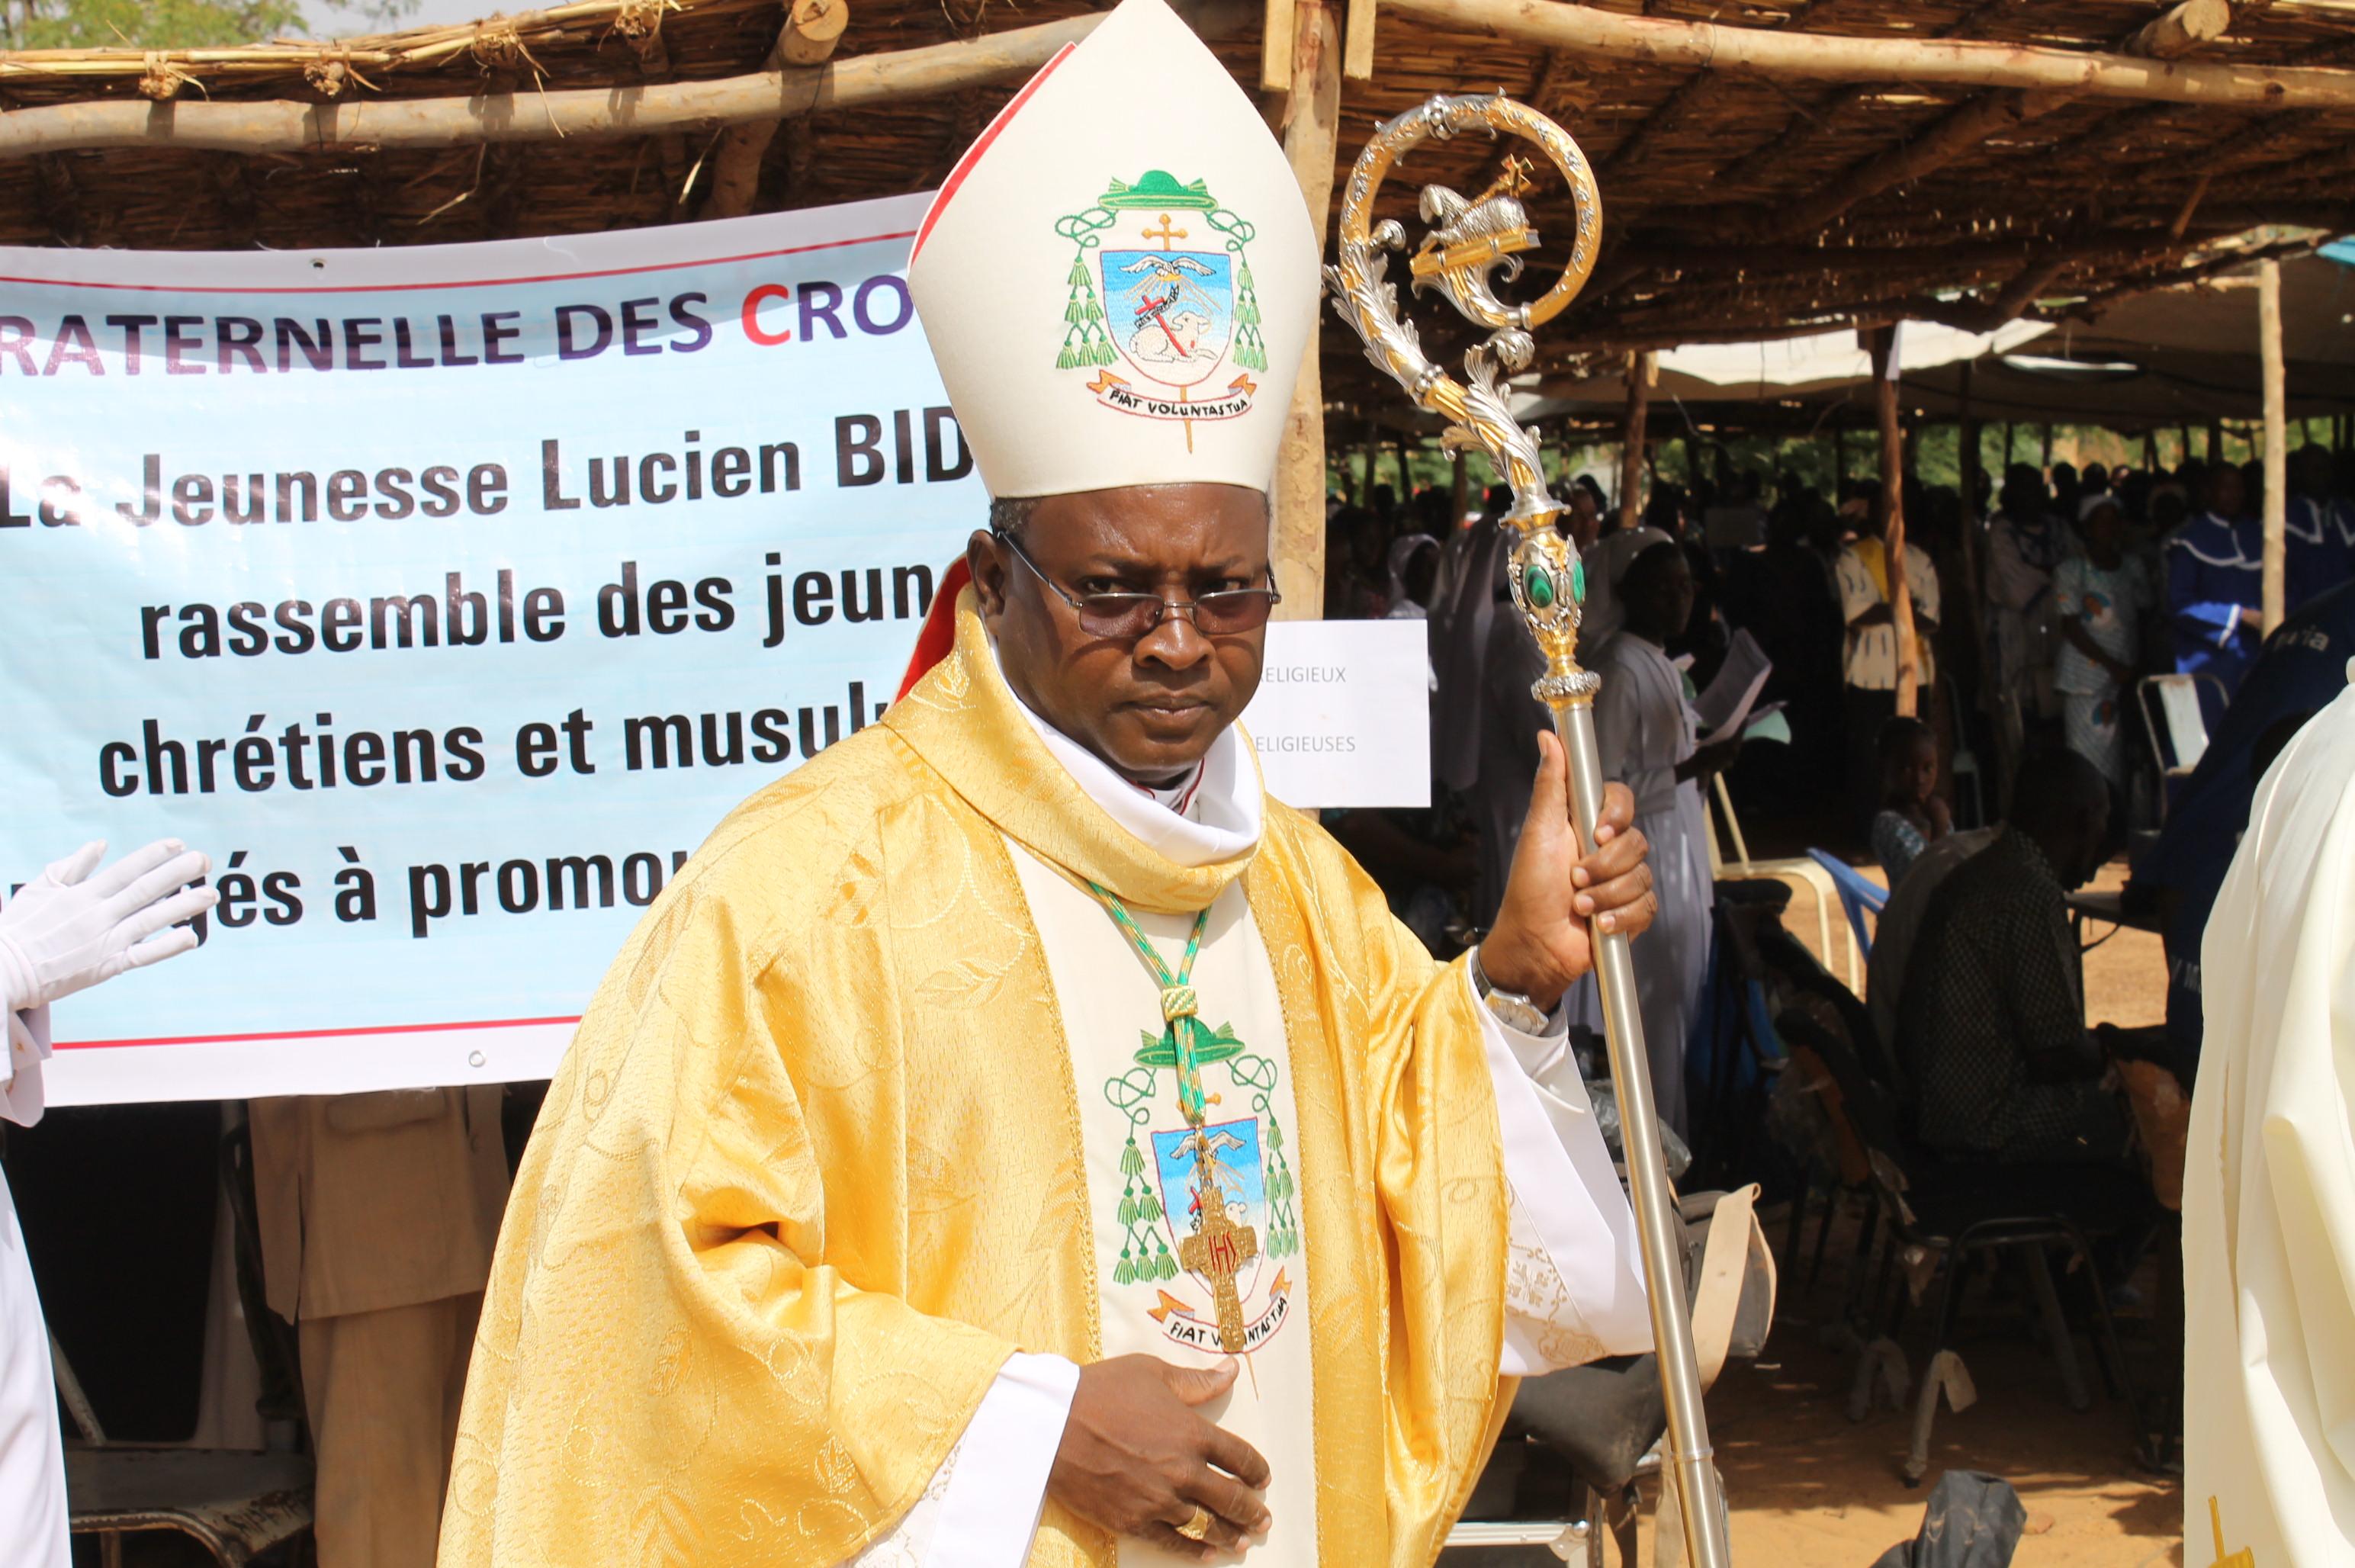 Obispo de Burkina Faso lanza llamado para proteger a cristianos